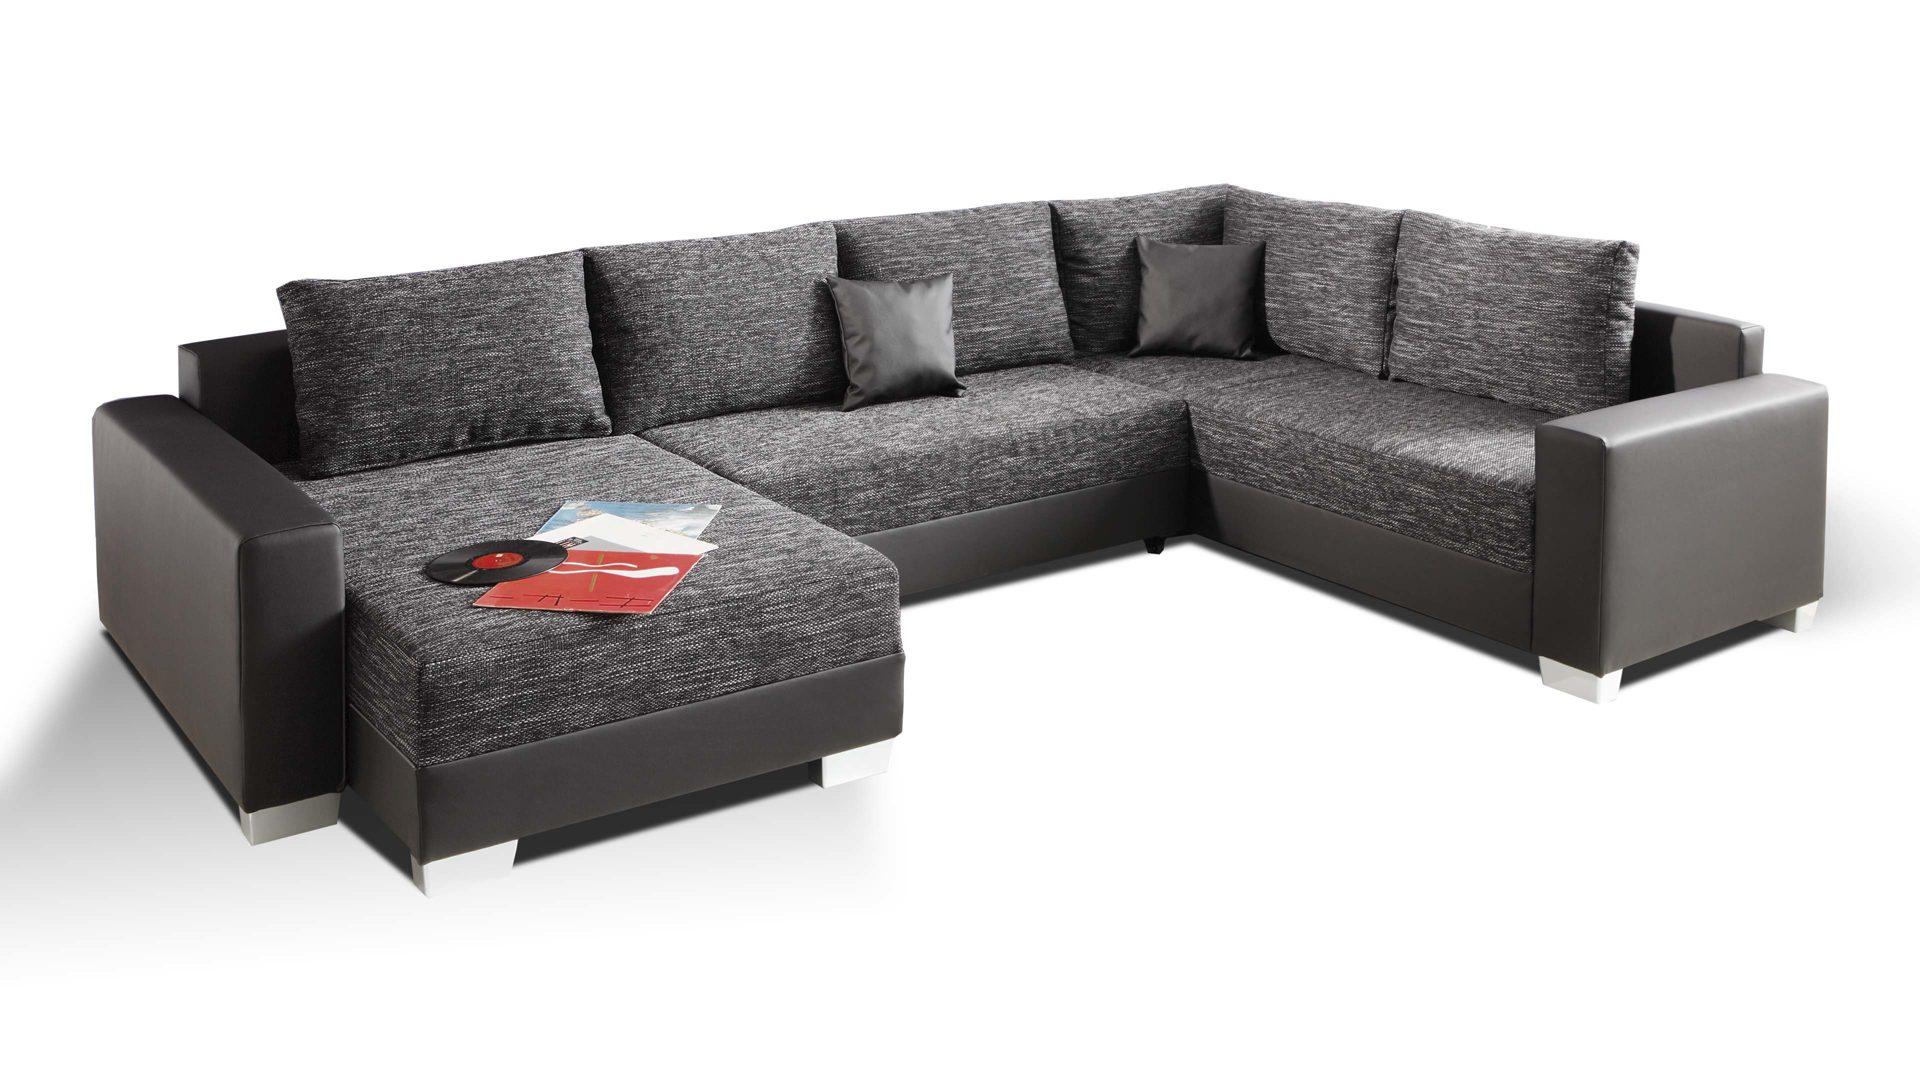 Ecksofa u form mit schlaffunktion  Wohnland Breitwieser | Räume | Wohnzimmer | Sofas + Couches ...